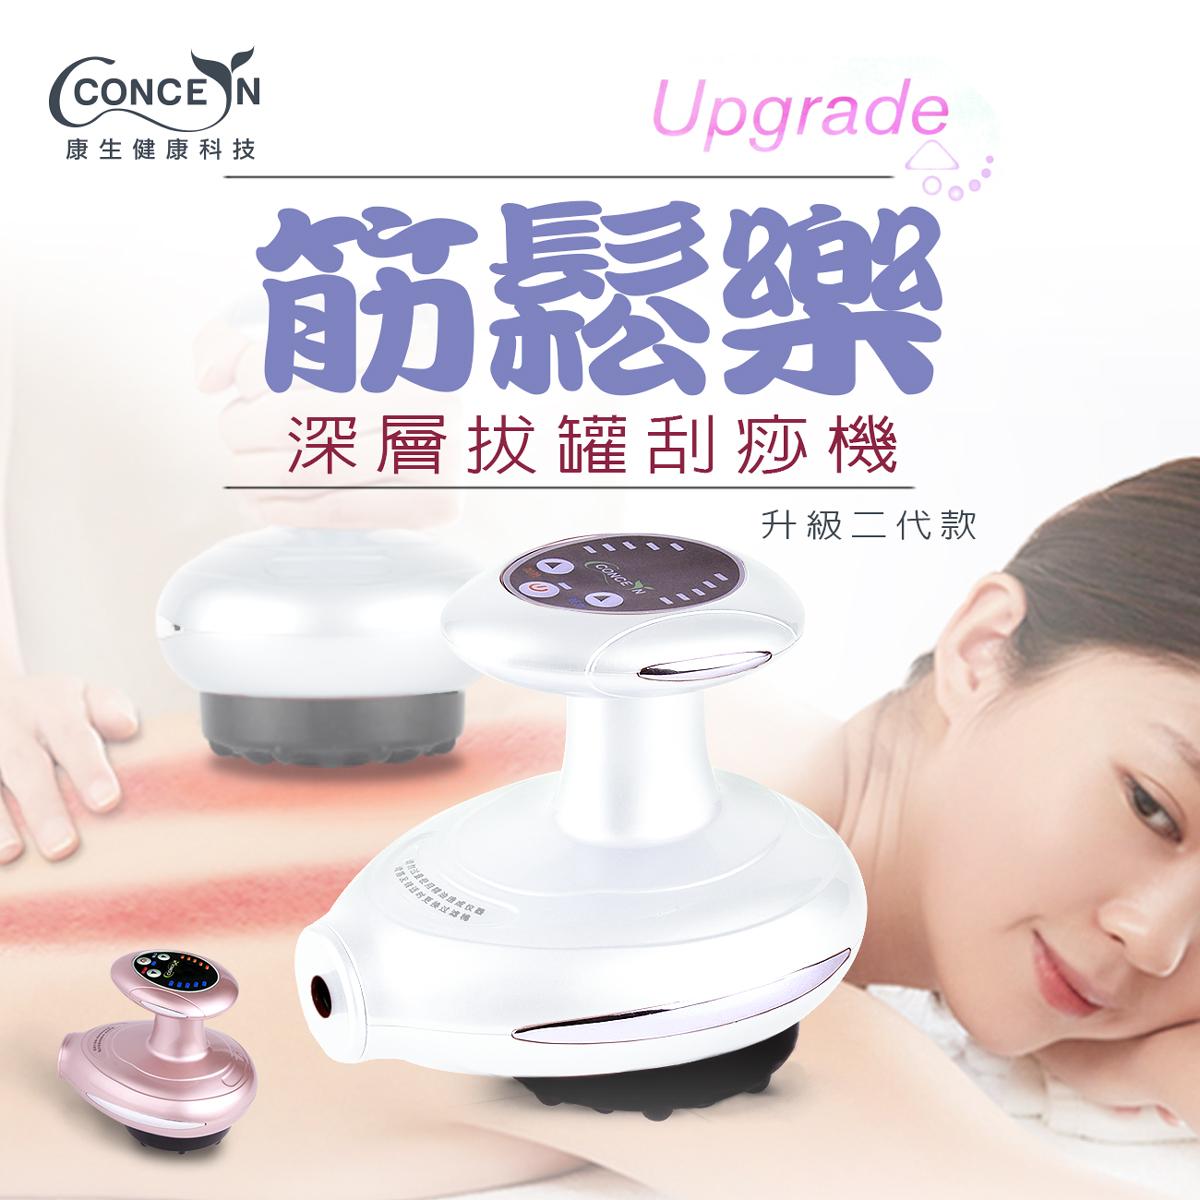 【Concern 康生】筋鬆樂 電動磁波拔罐刮痧美體按摩器 升級二代款 珍珠白 CM-7508